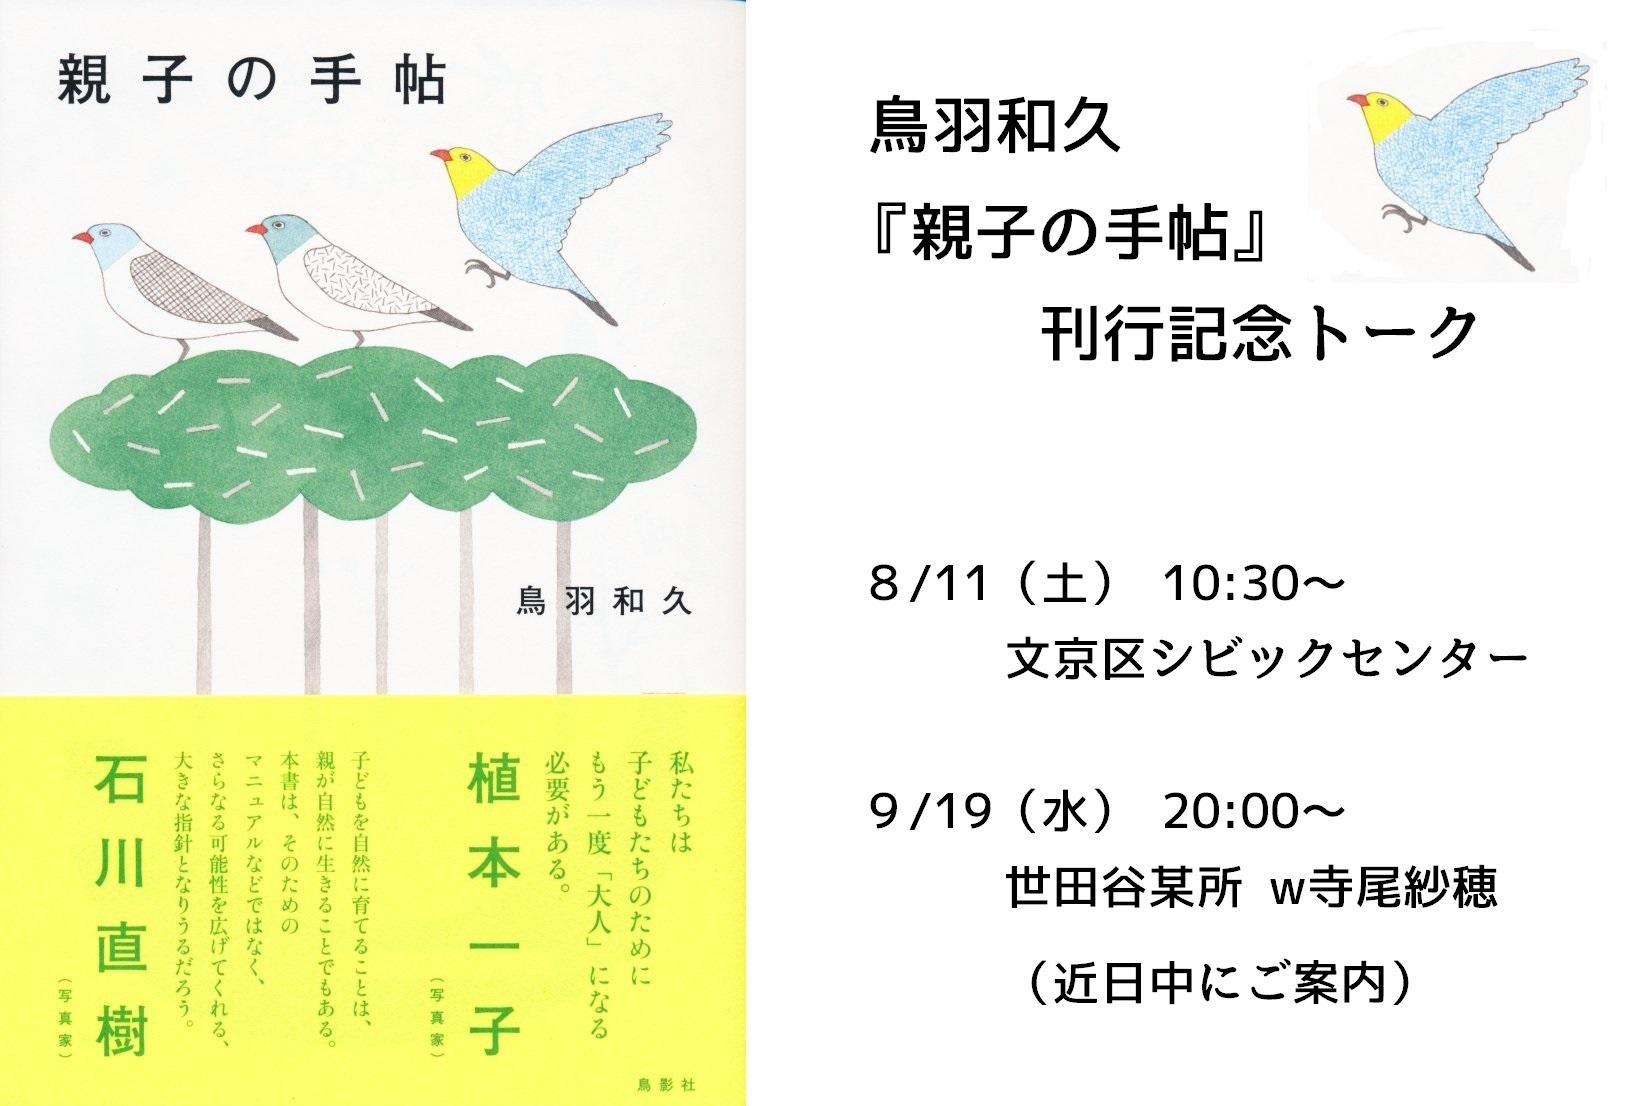 東京開催『親子の手帖』刊行記念イベントのお知らせ_d0116009_11150436.jpg